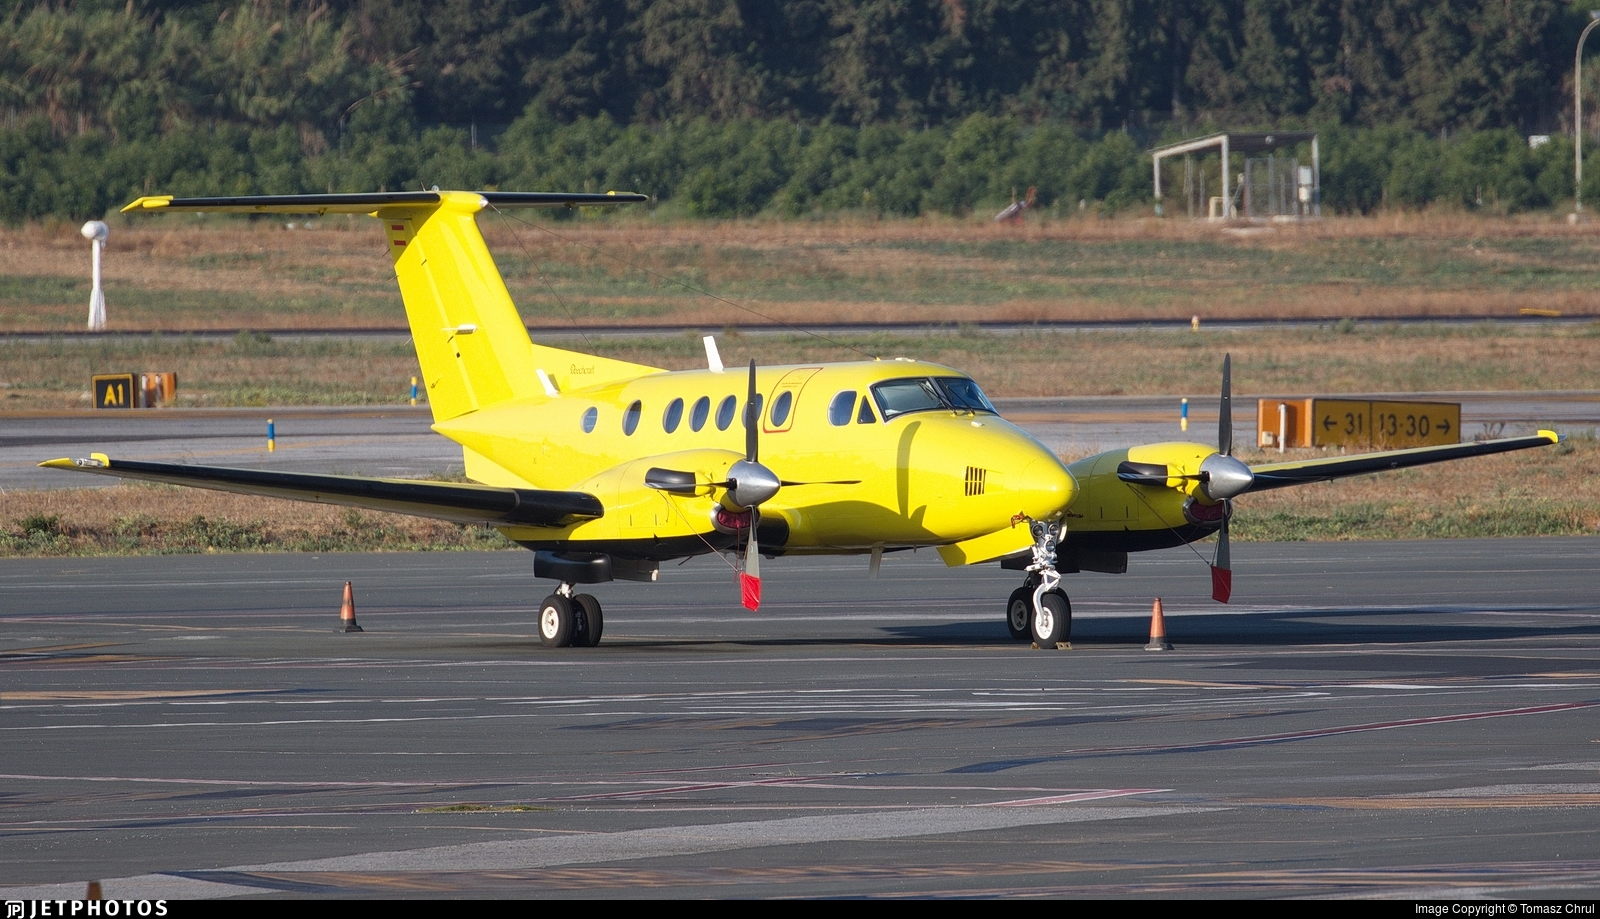 EC-JJP - Beechcraft B200 Super King Air - Eliance